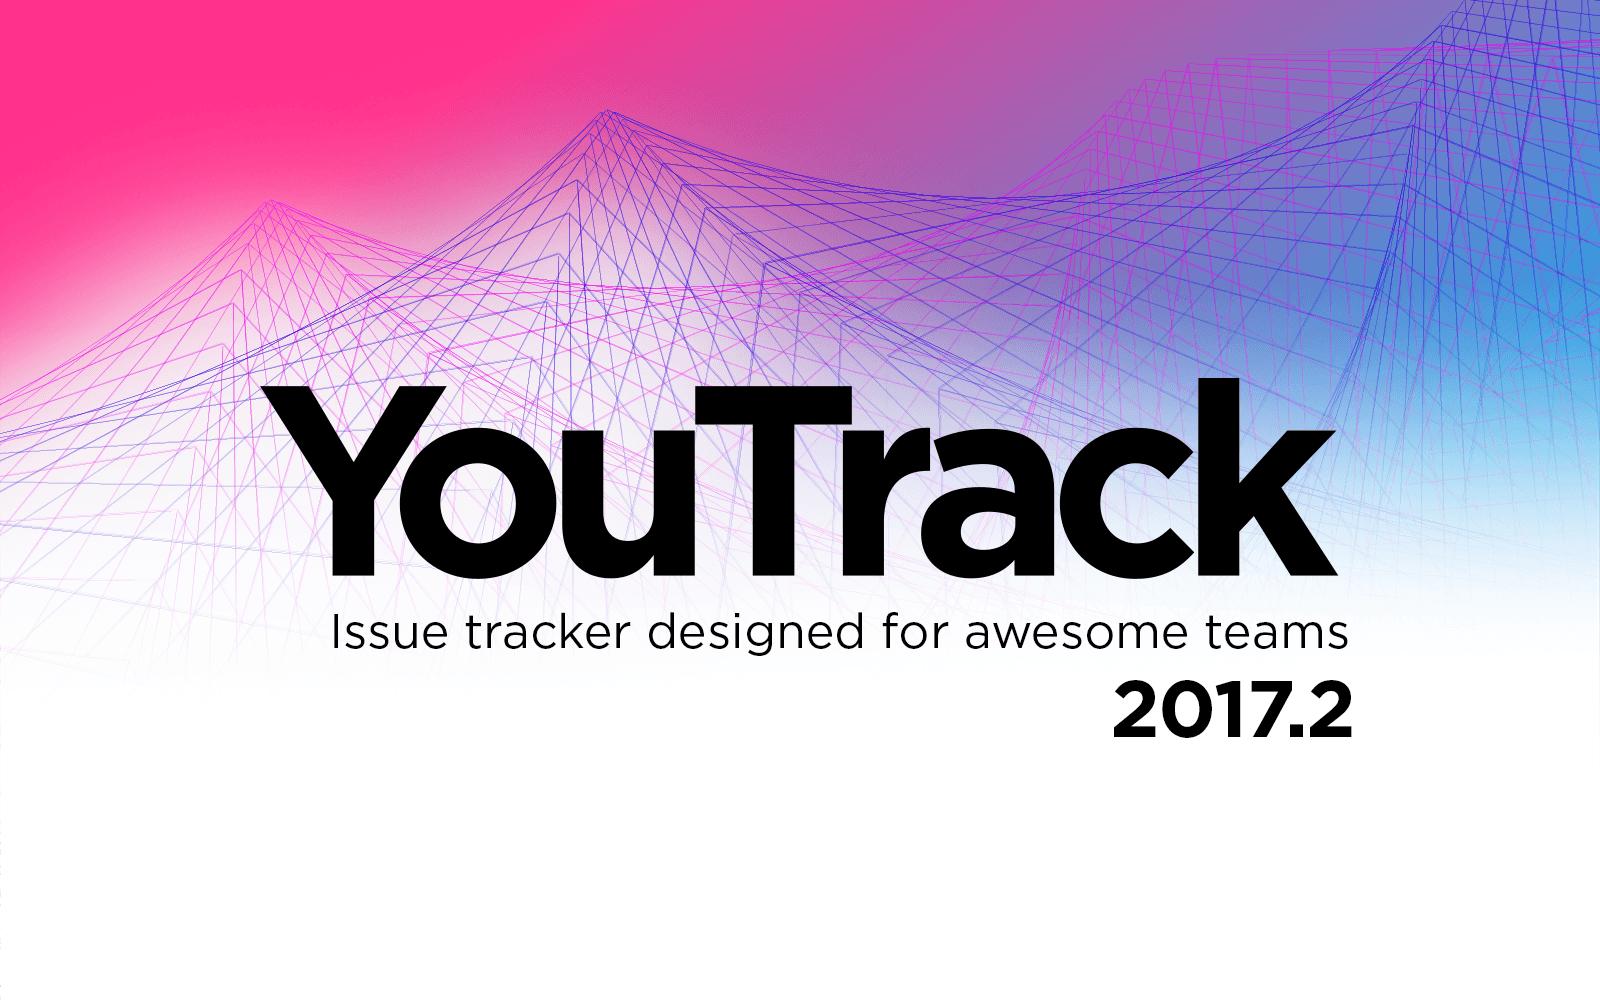 Релиз YouTrack 2017.2: обновленный профиль пользователя, экспериментальная функциональность и многое другое - 1